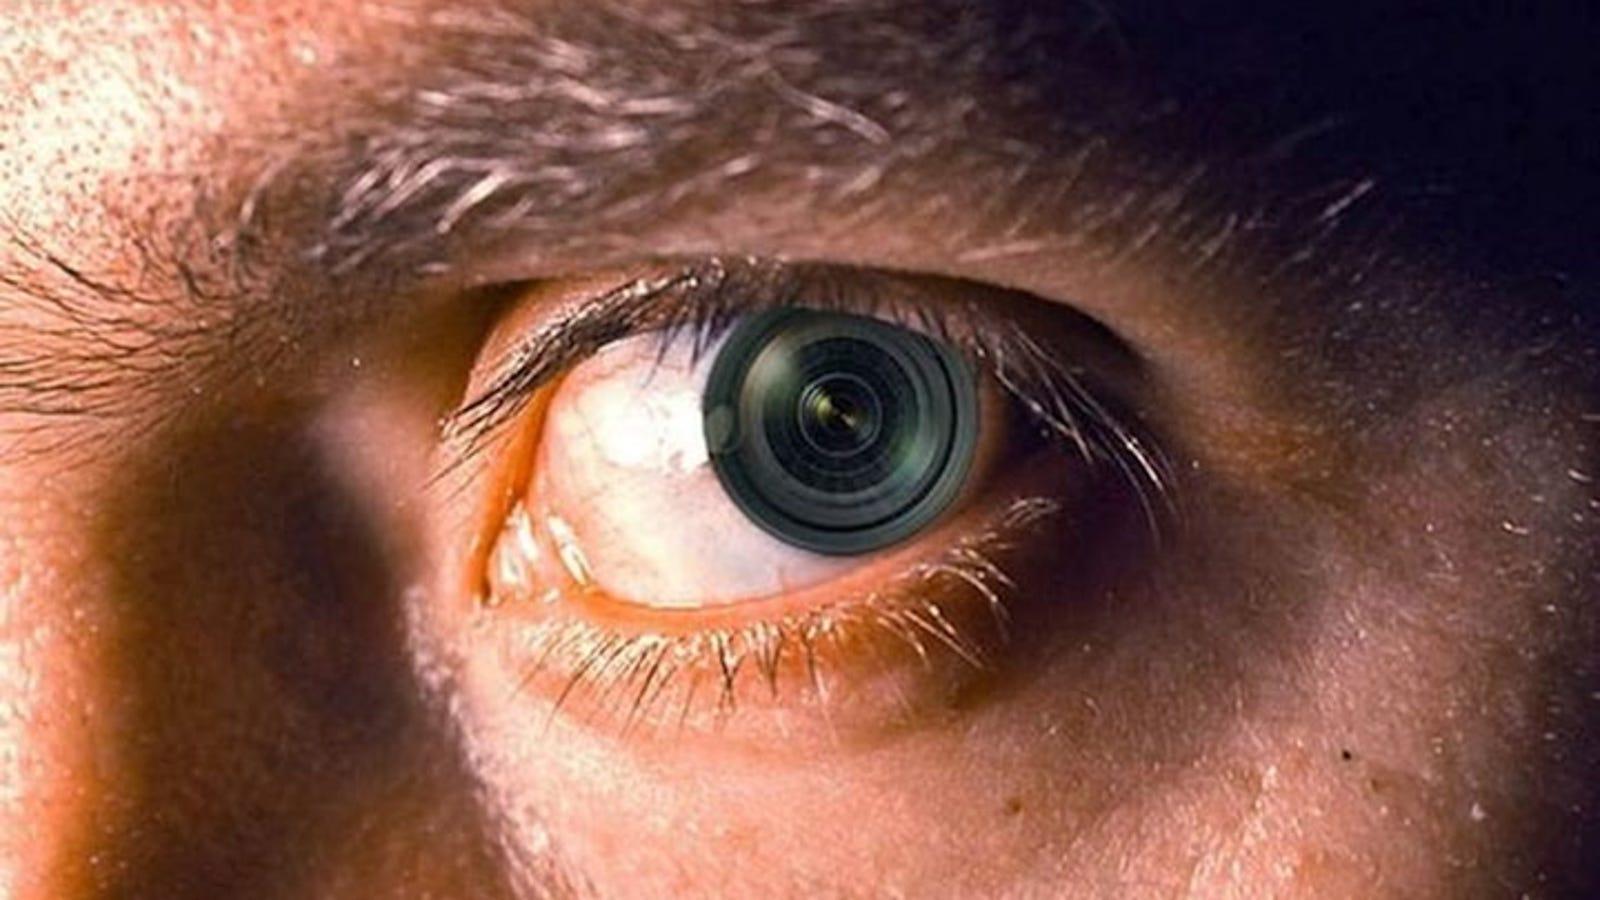 Cuál es la verdadera resolución del ojo humano